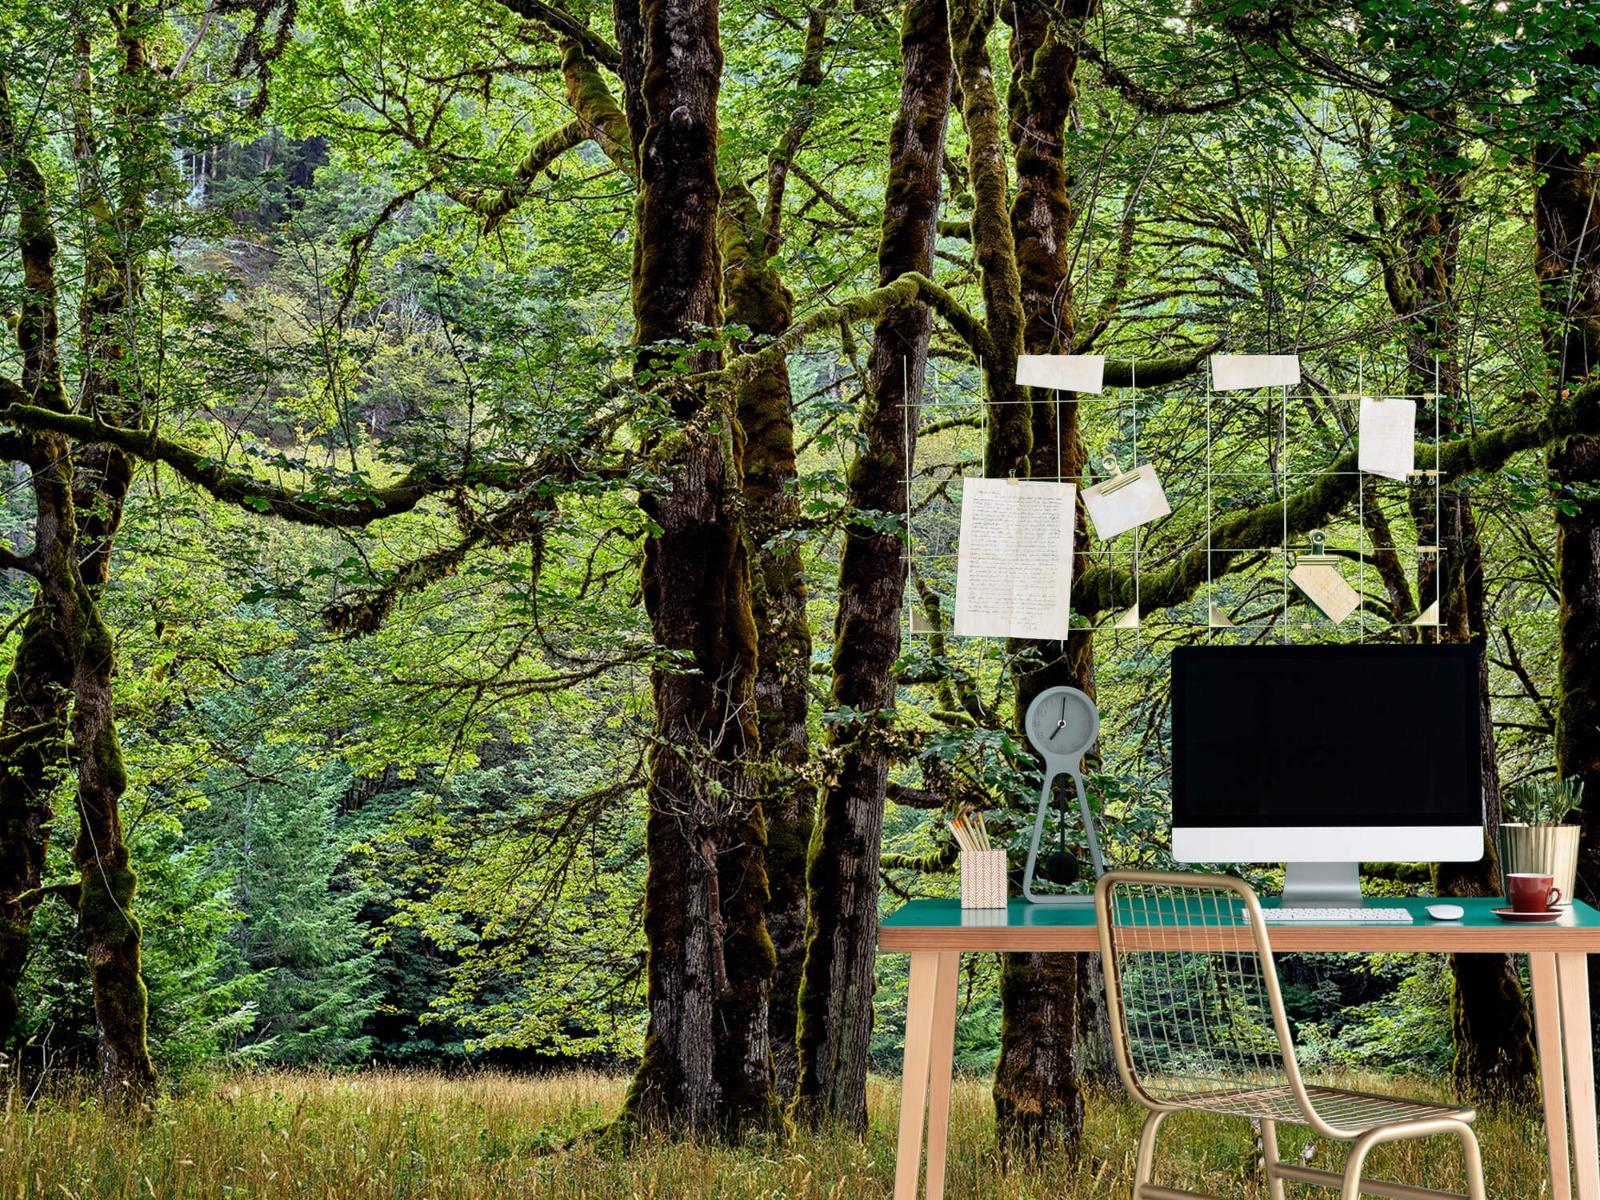 Bomen - Bomen met mos - Wallexclusive - Slaapkamer 9